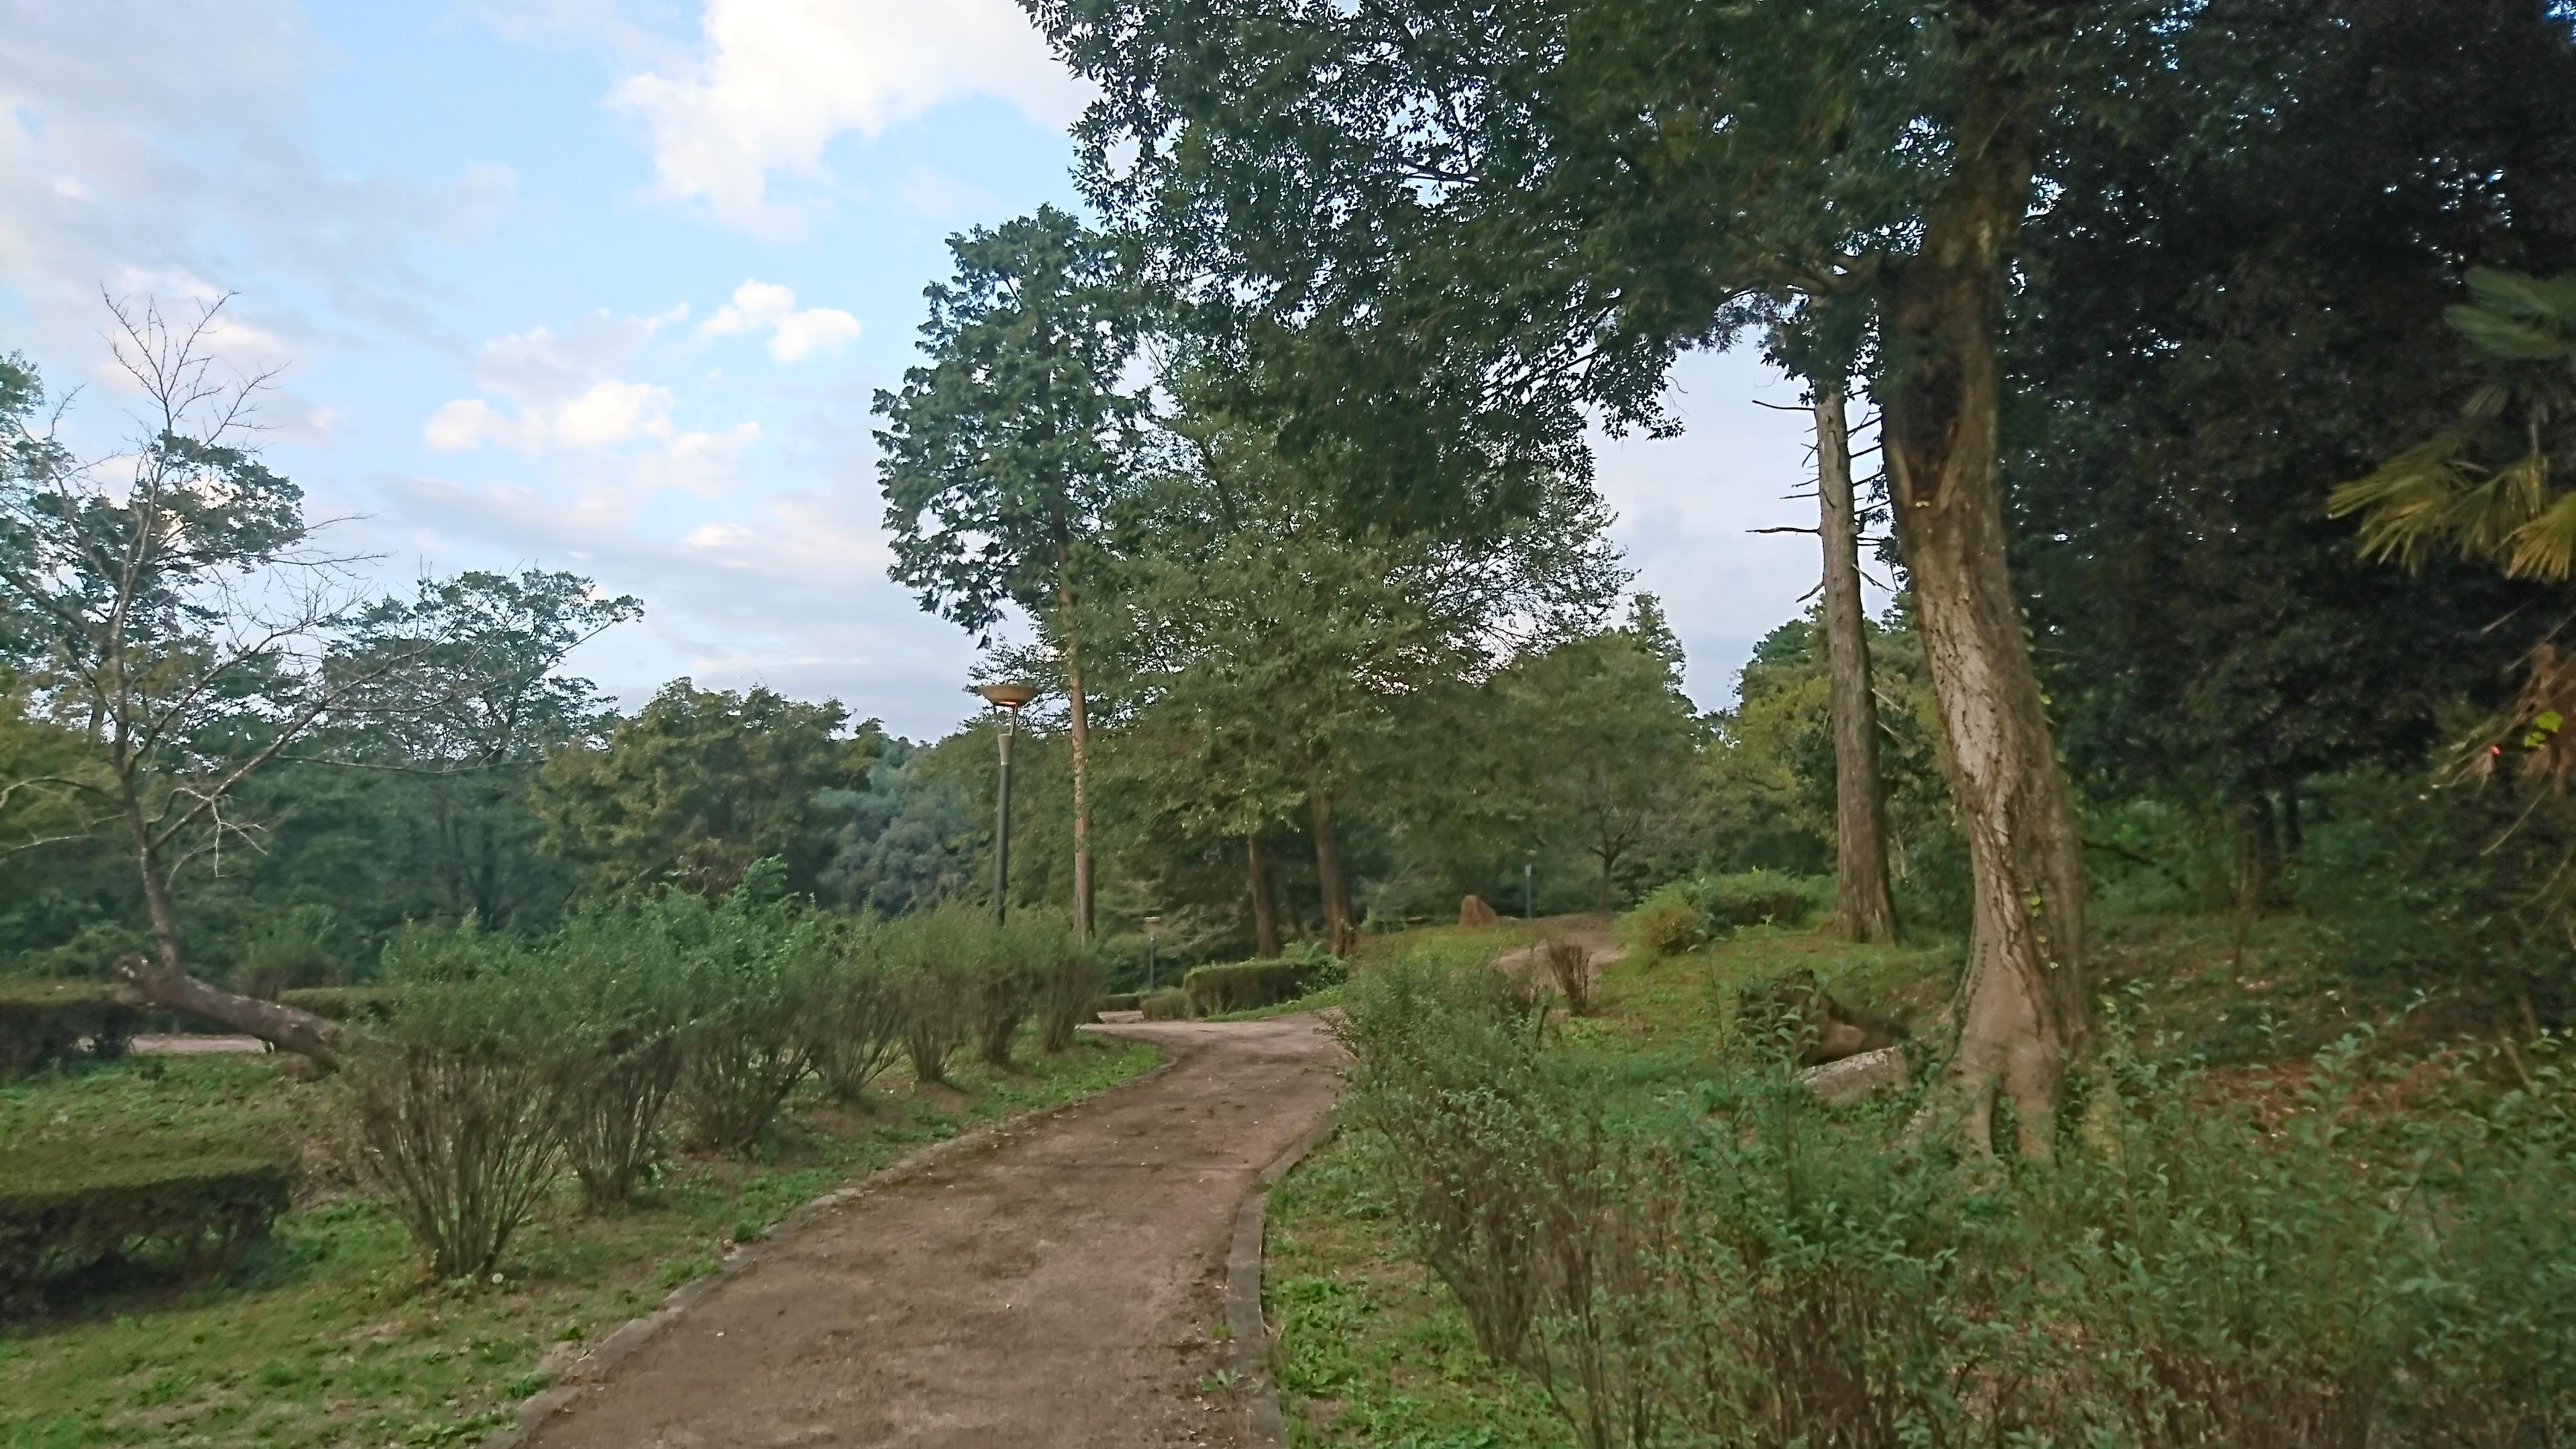 【蛇ノ尾公園】合志市、自然の地形を利用した四季折々の植物が楽しめる公園